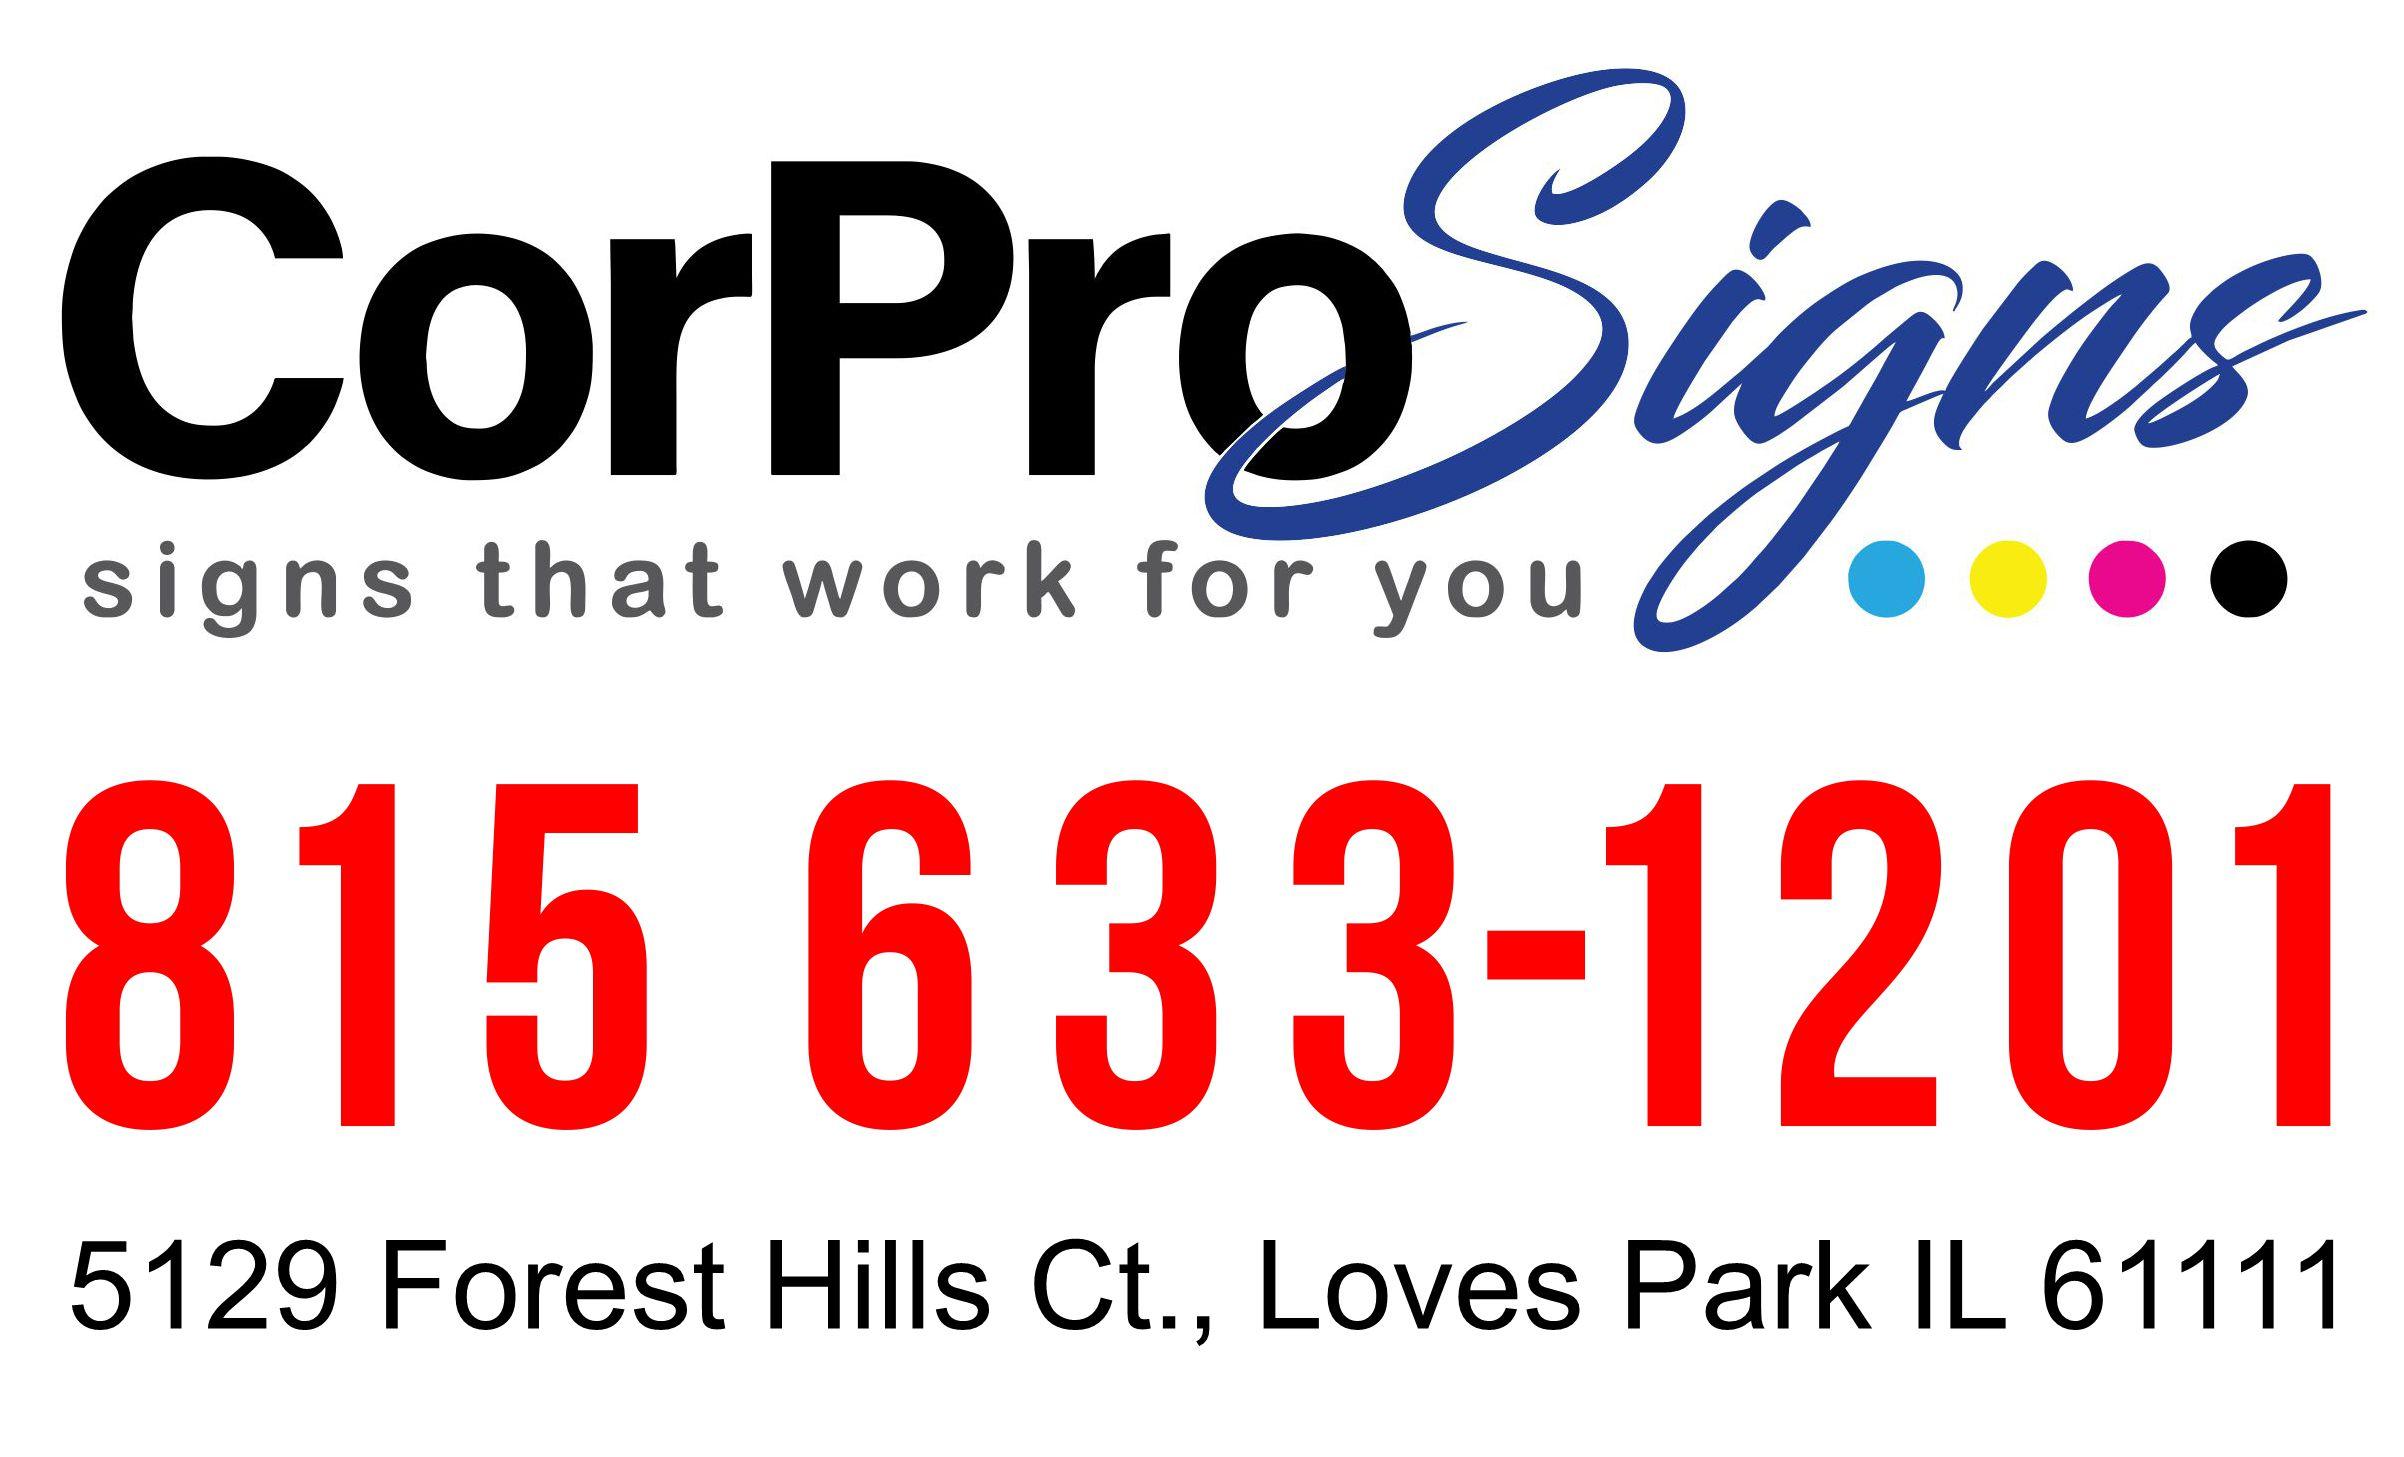 CorPro Signs